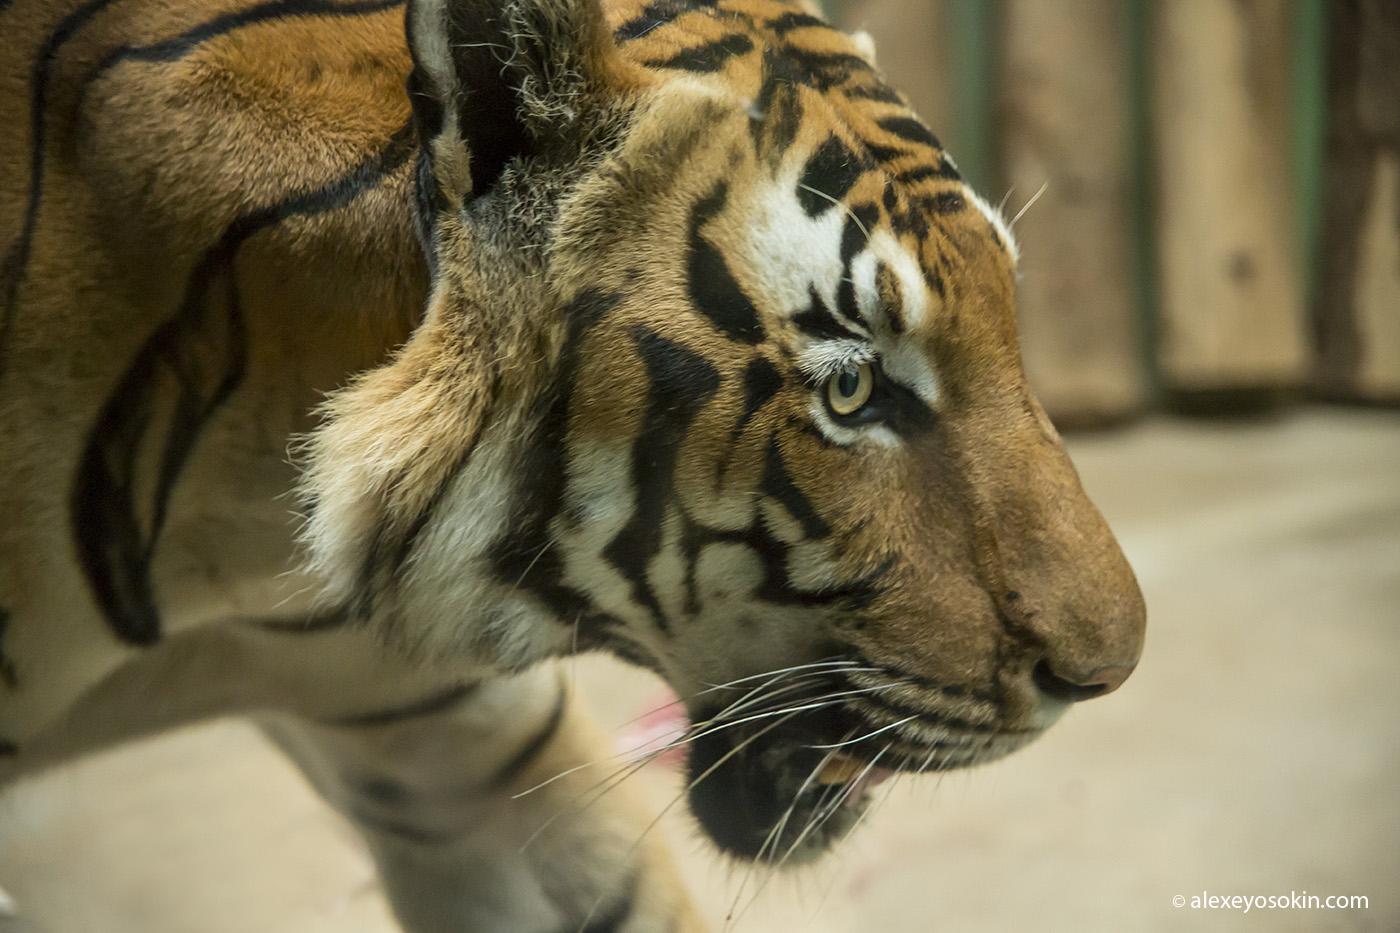 zoo_tiger_1_ao